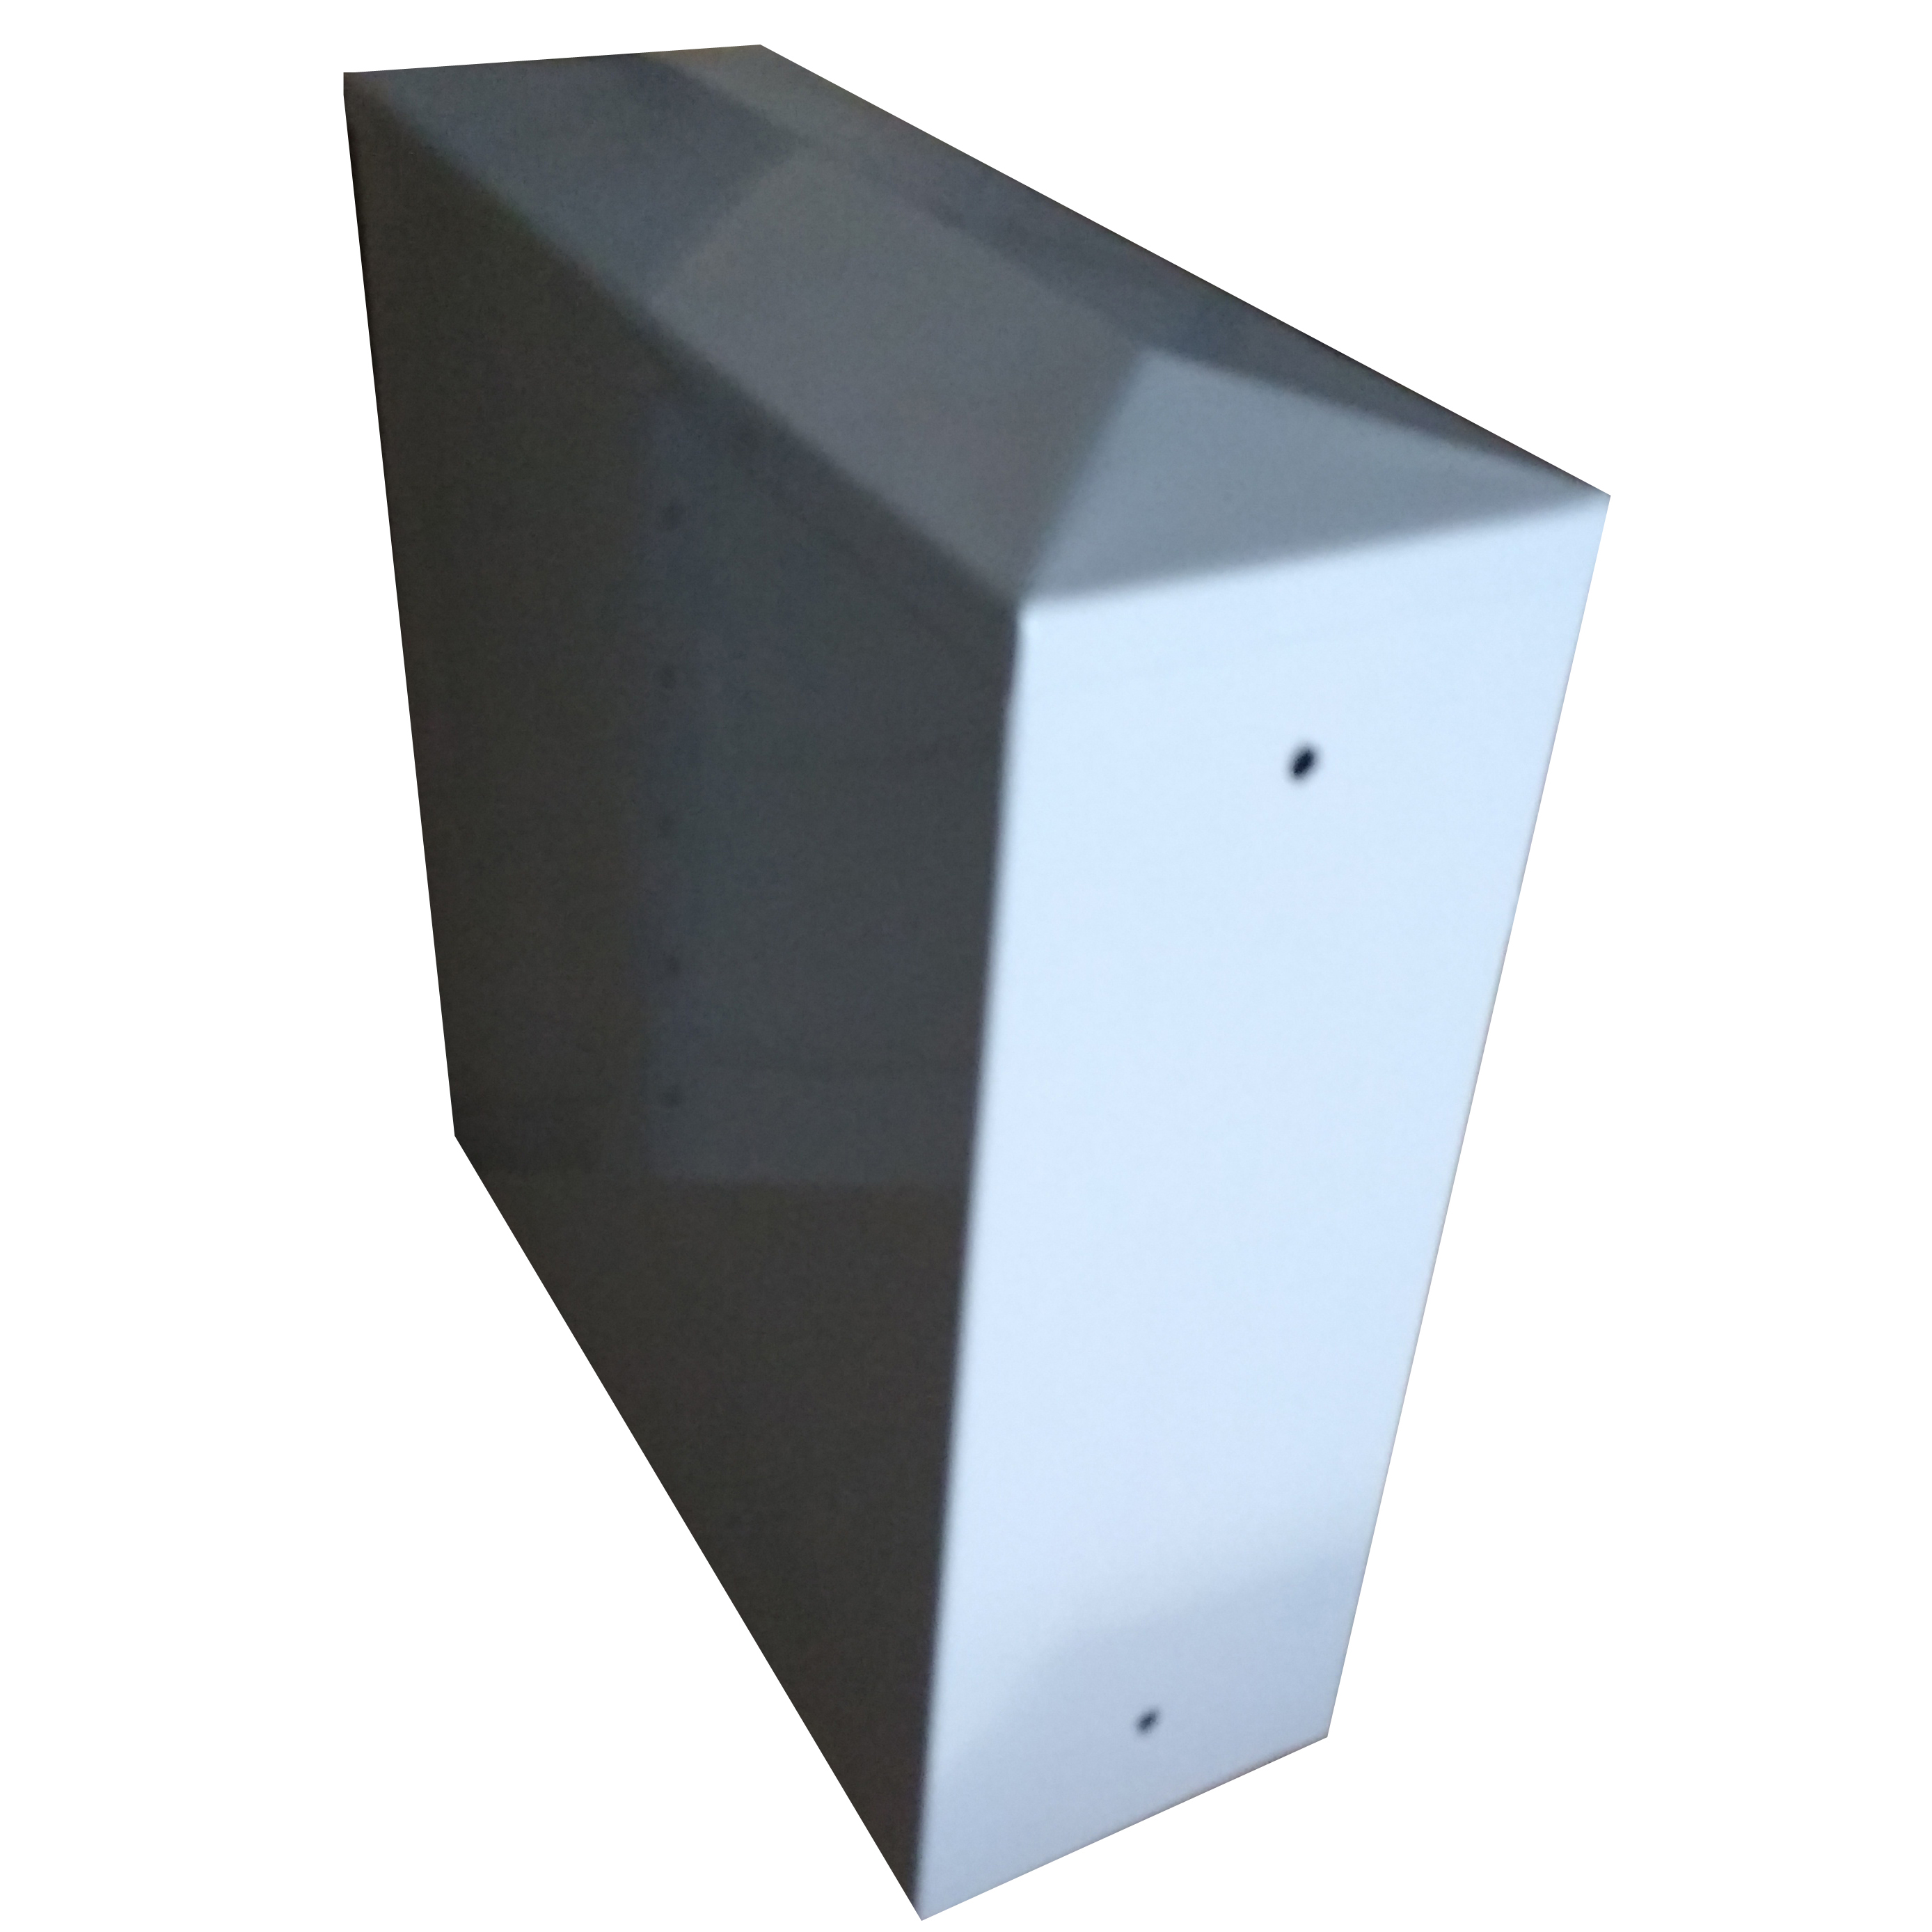 http://www.nilart.com.br/galeria/caixa-de-correio-entrada-e-saida-frontal-com-chave-850.136-3.jpg